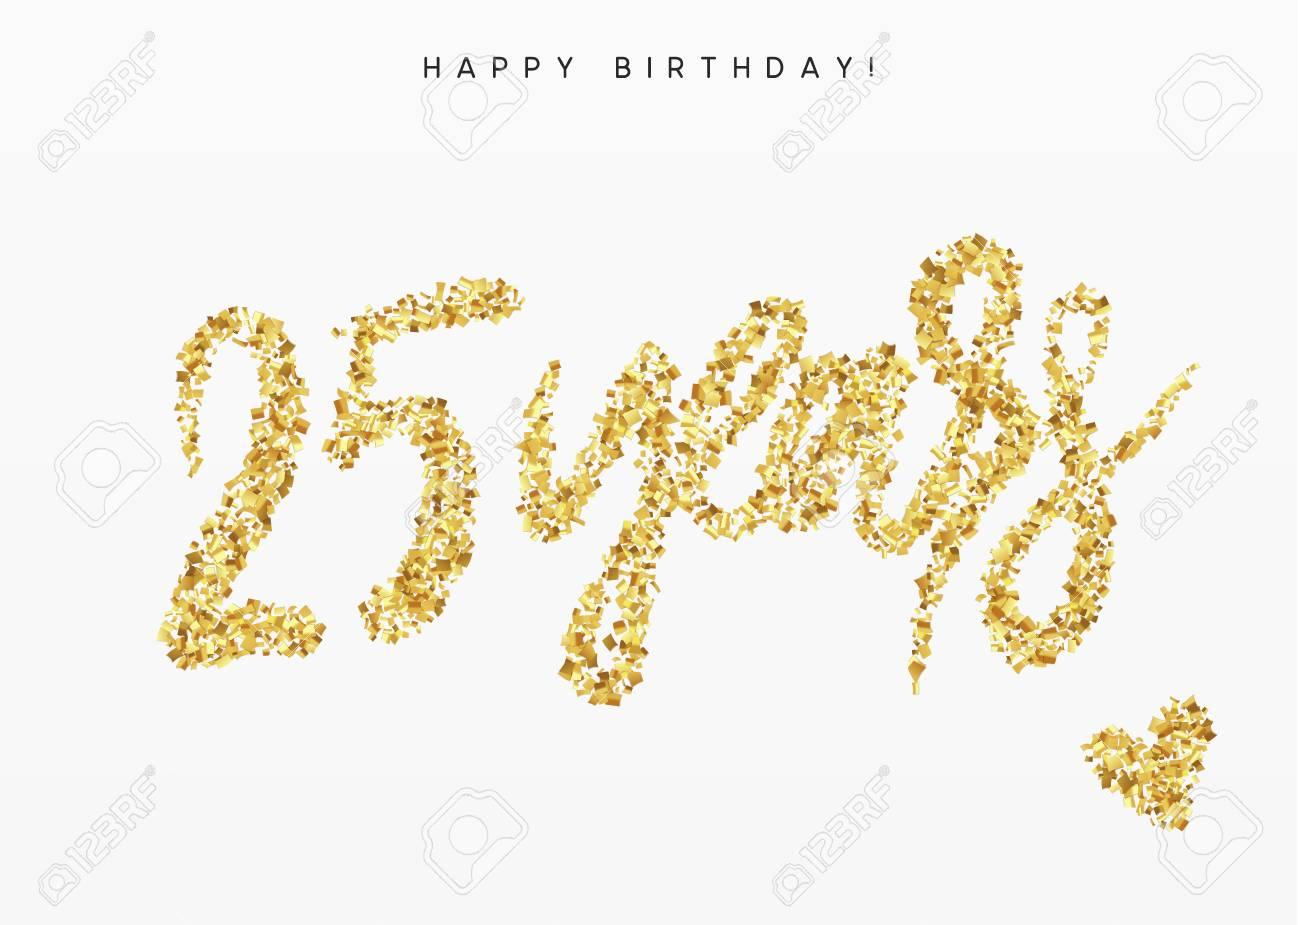 Saludo Del Feliz Cumpleanos Veinticinco Anos Numero 25 Signo De